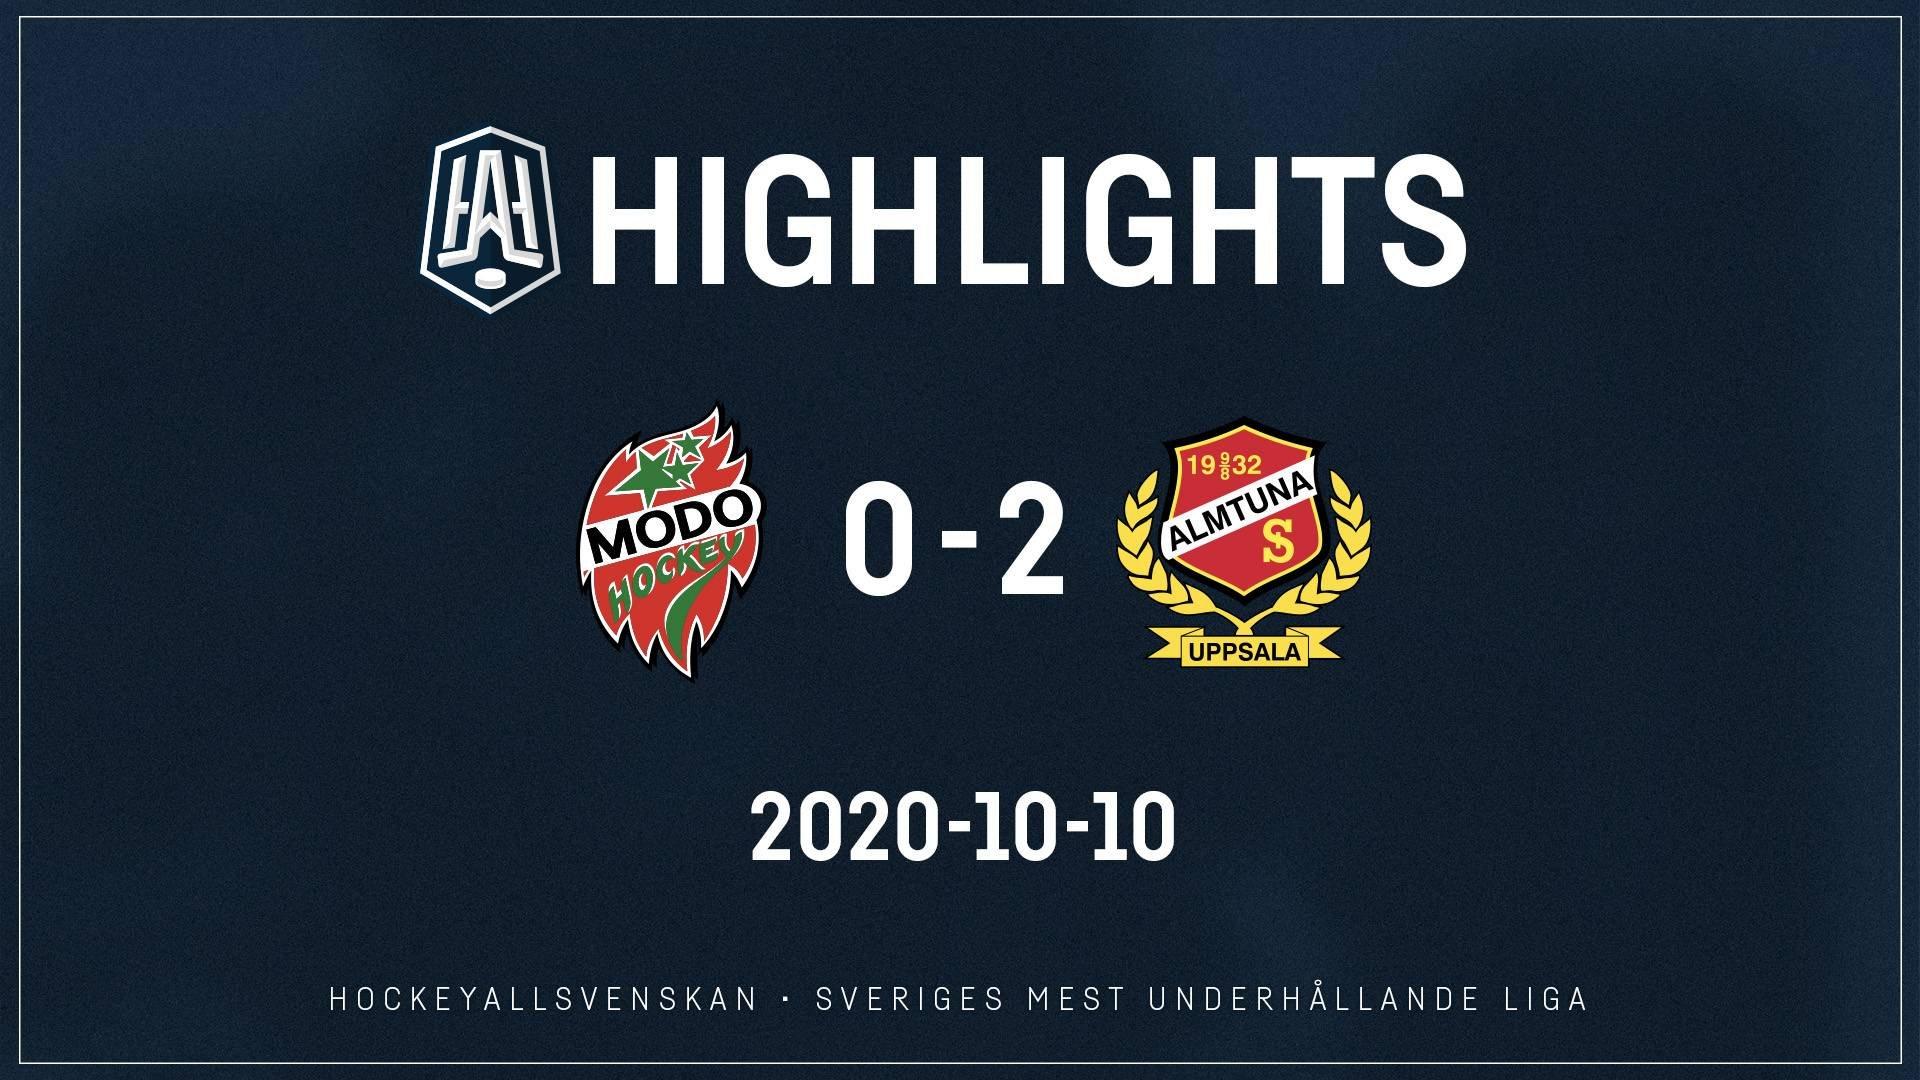 2020-10-10 MODO - Almtuna 0-2